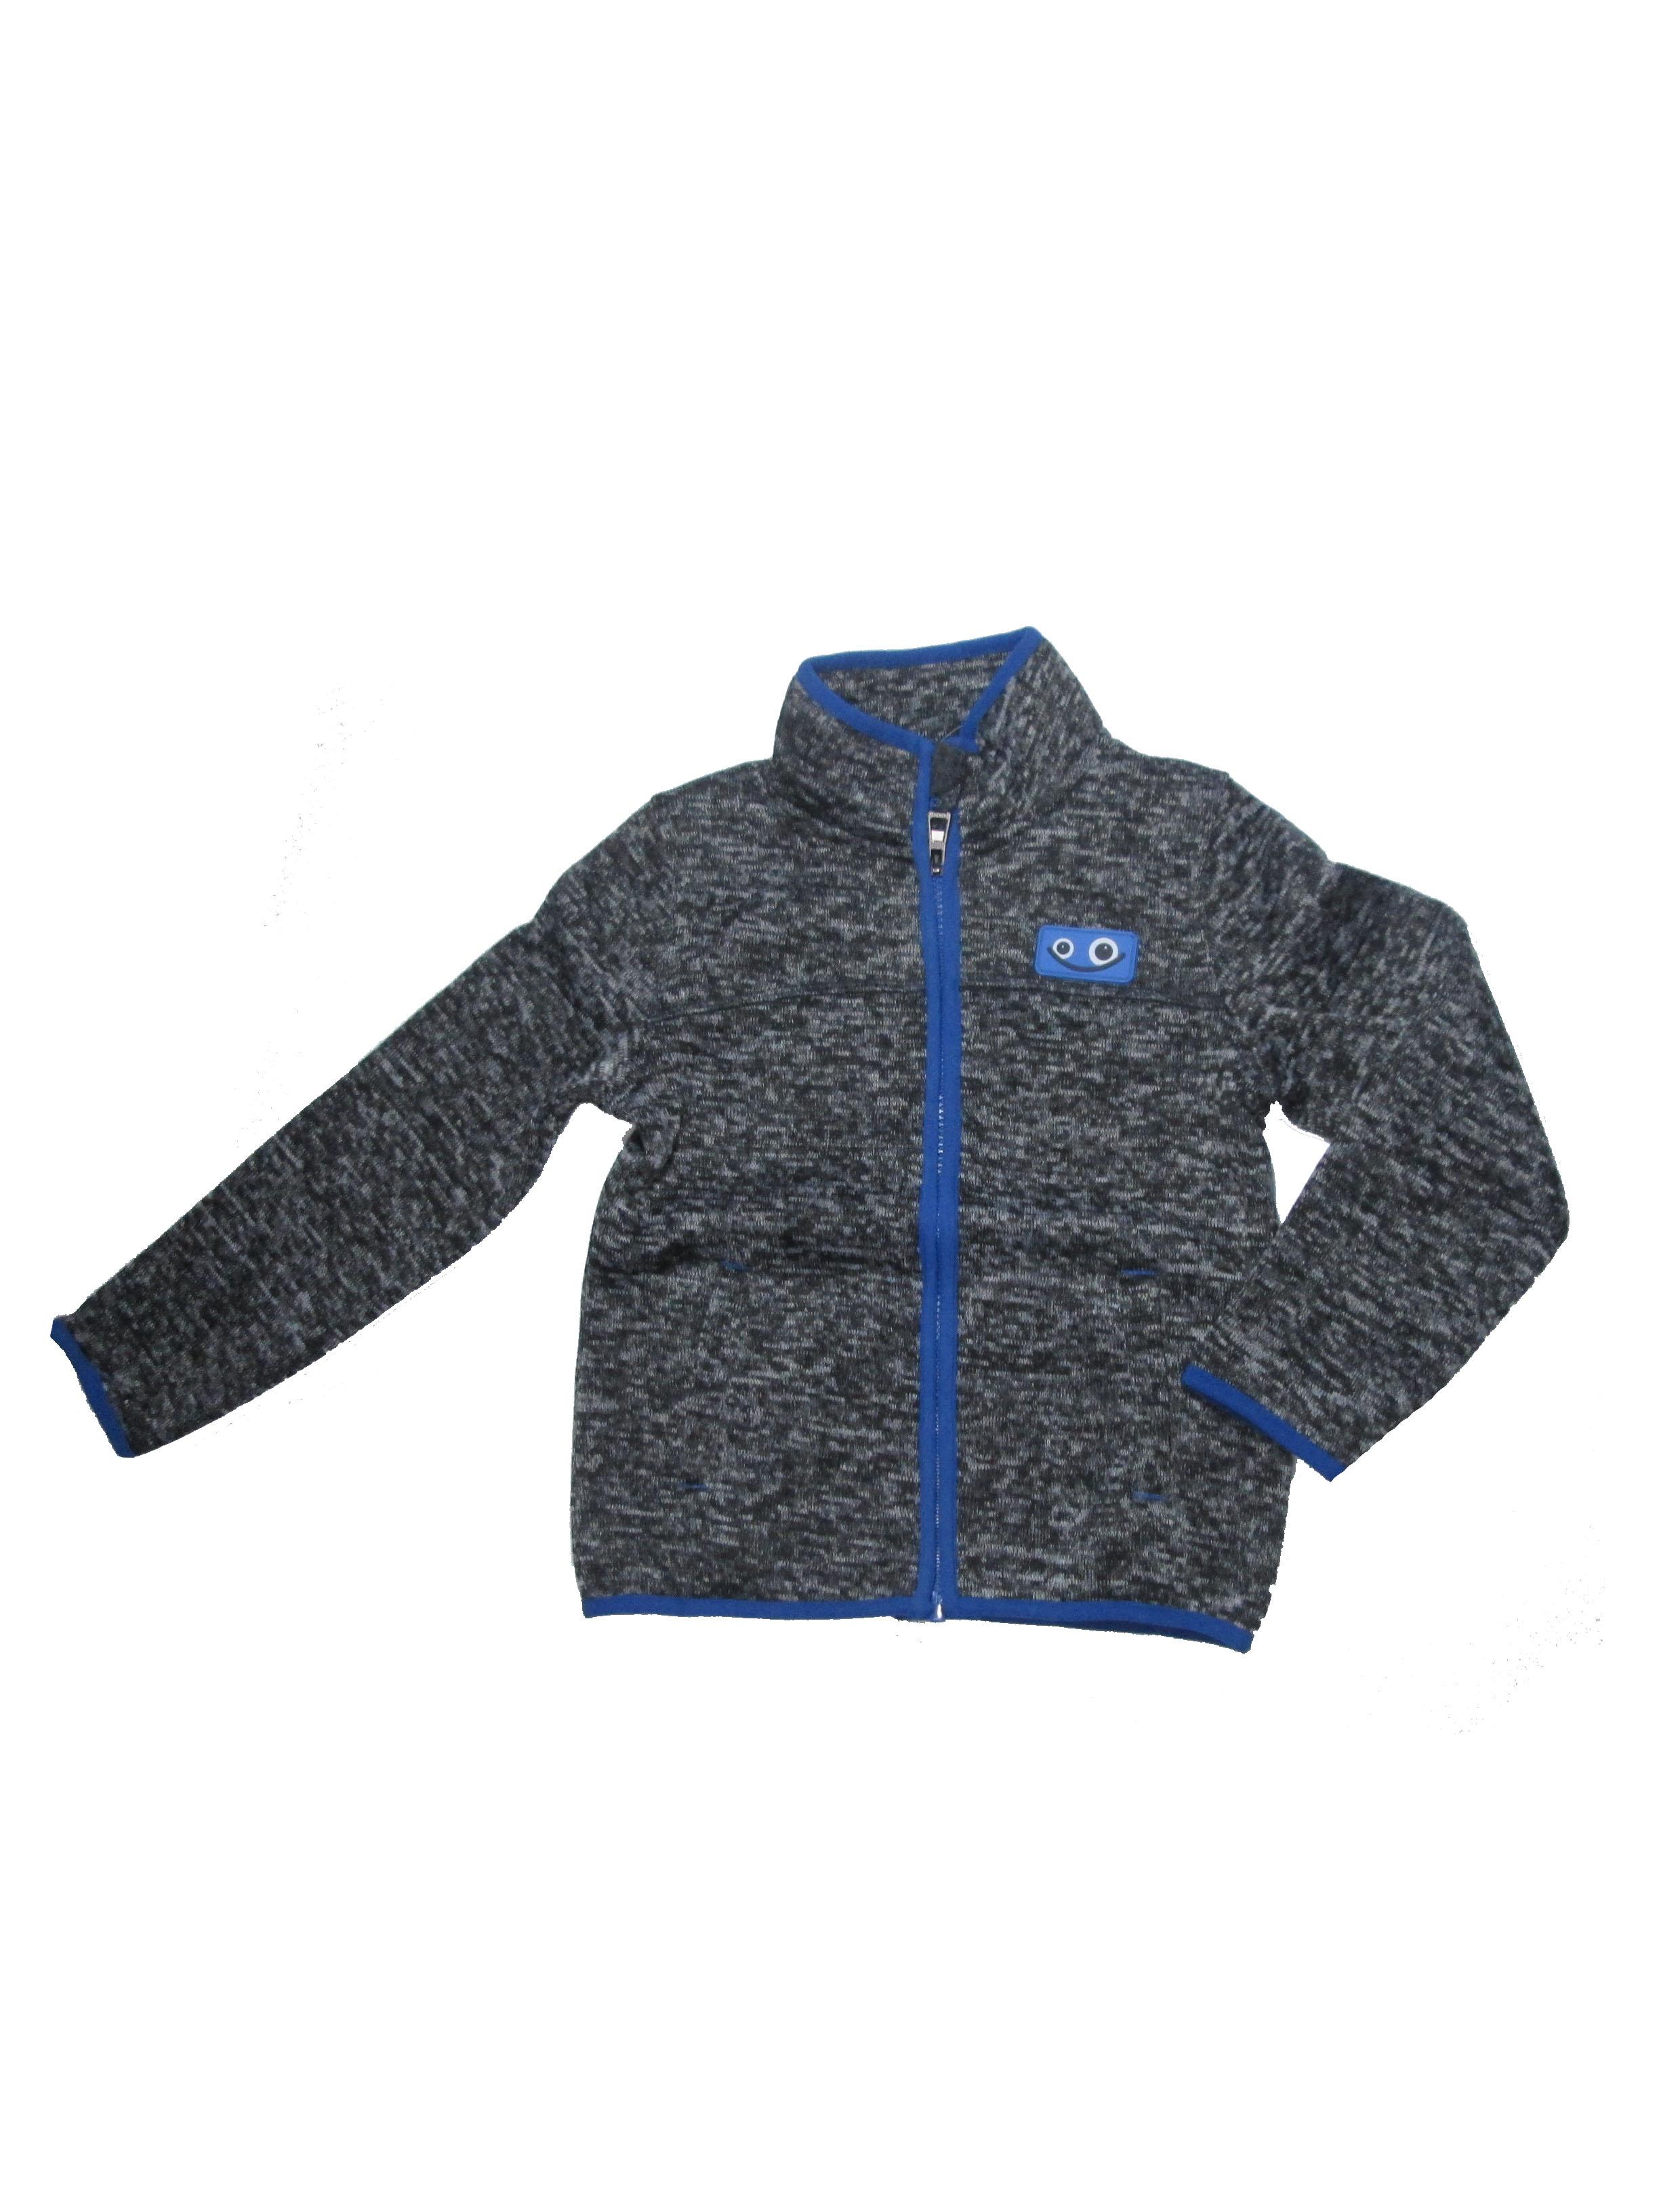 92-122-Chlapecká pleteninová (teplejší) mikina WOLF - černá barva